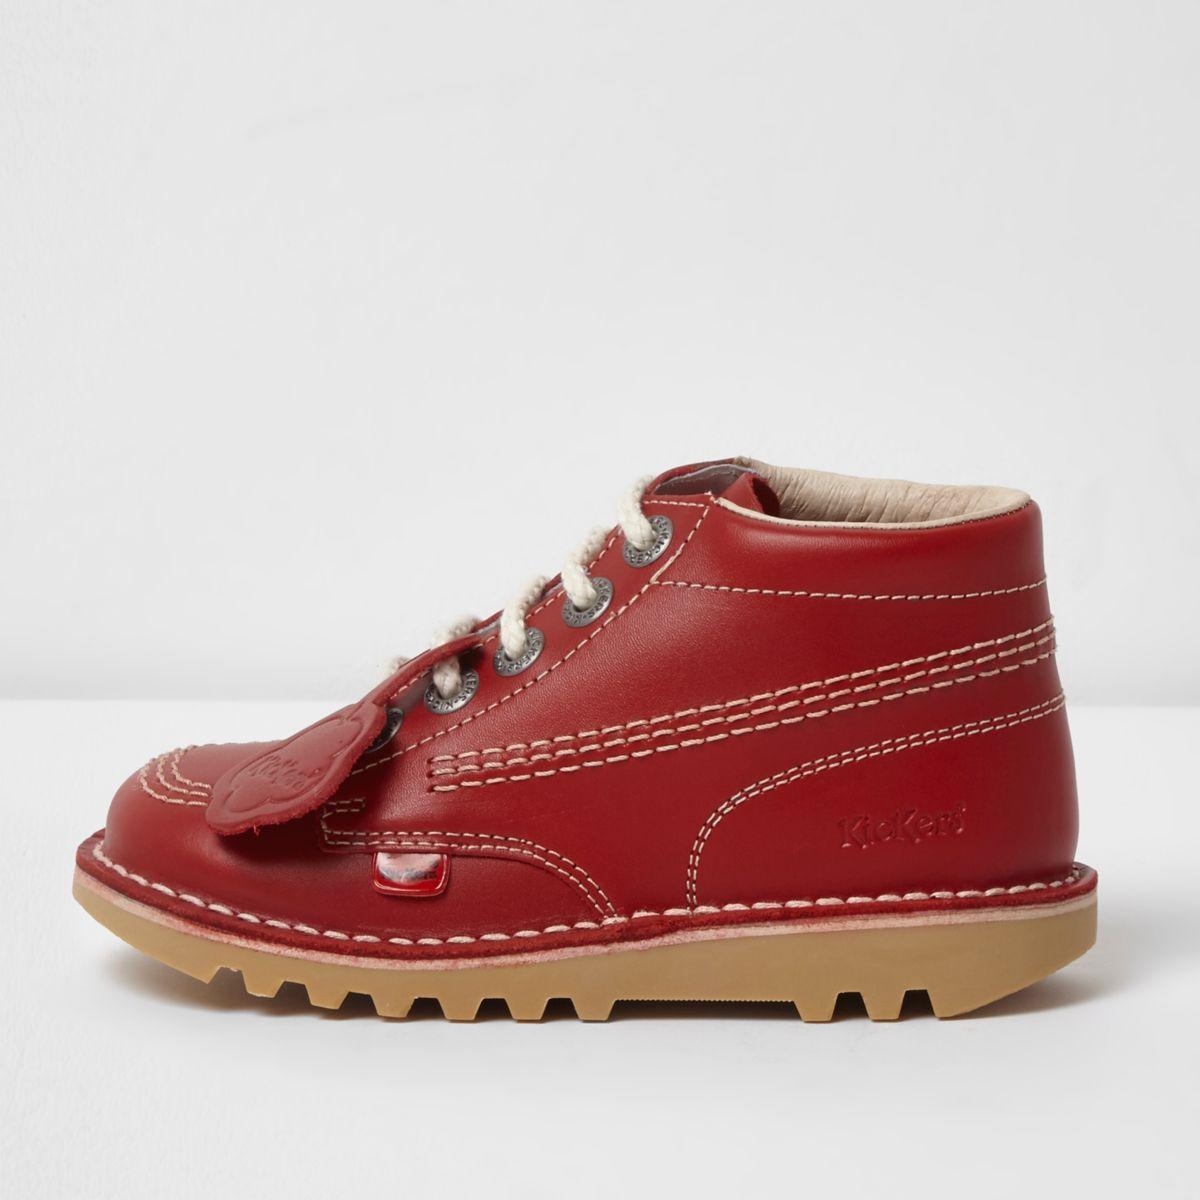 Kickers – Bottines rouges à lacets pour enfant